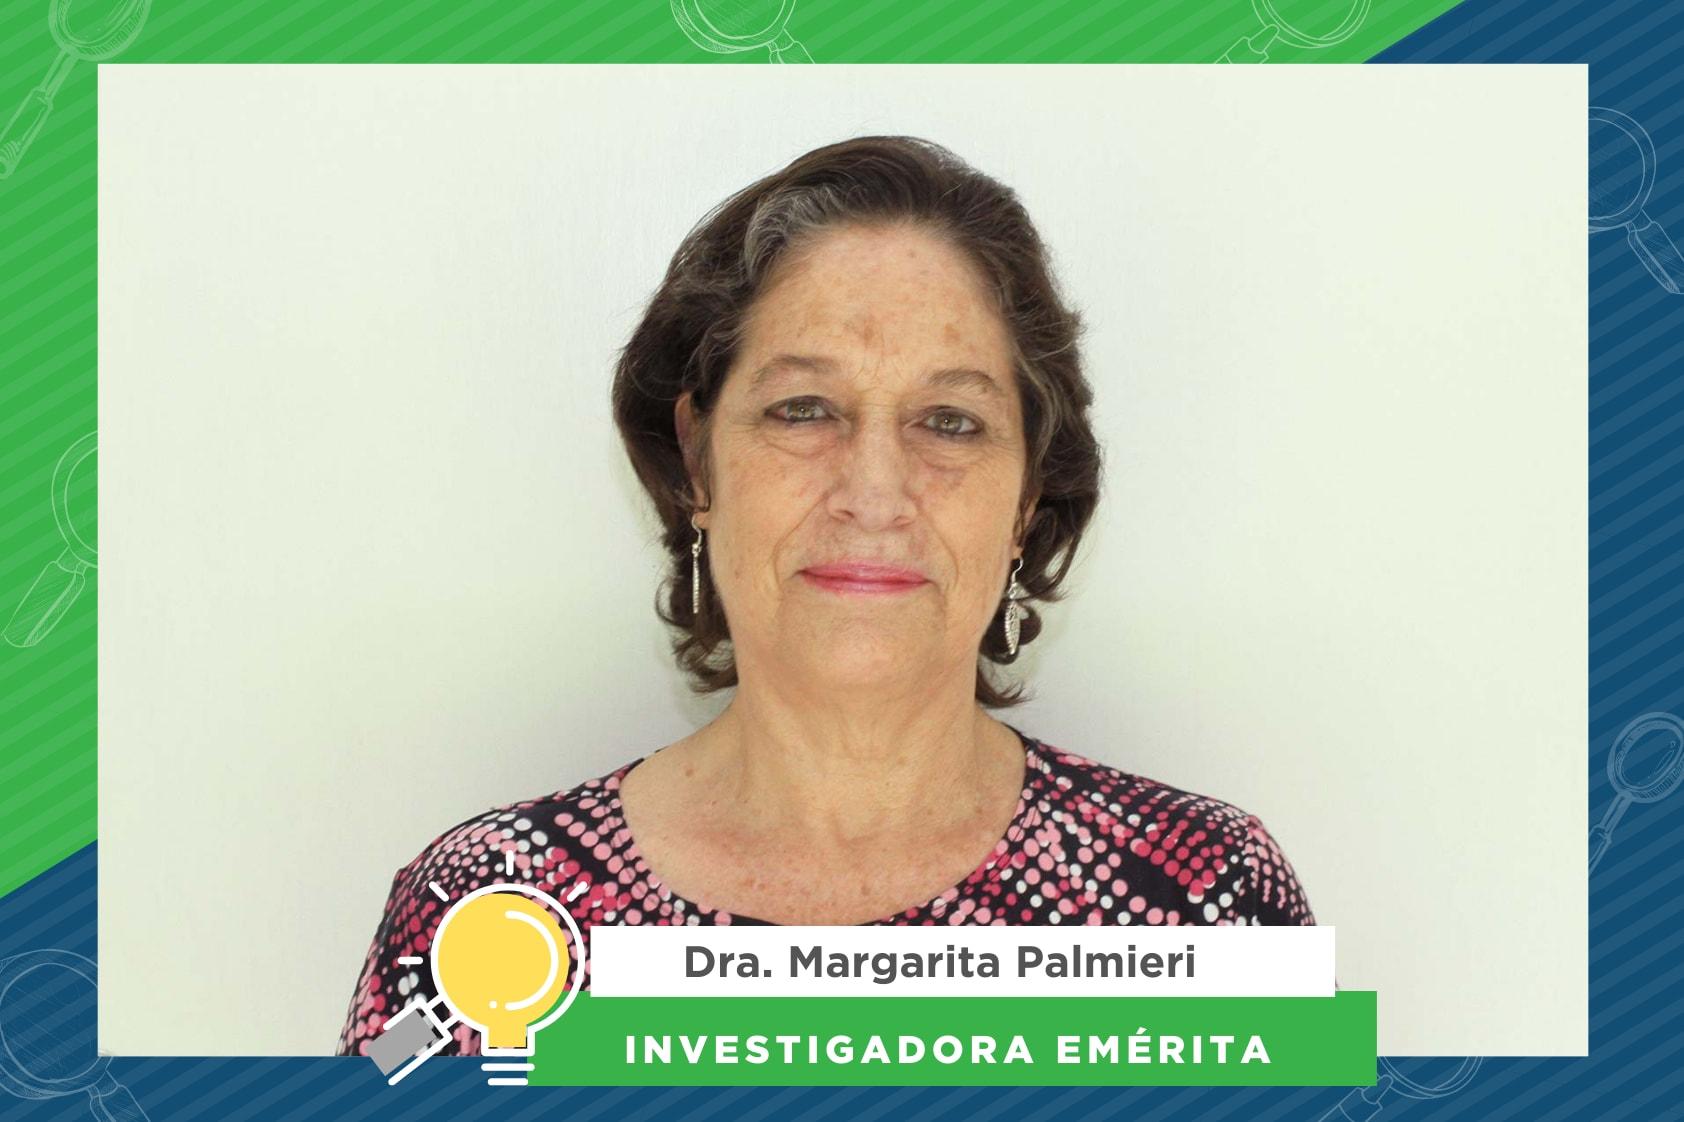 Margarita Palmieri